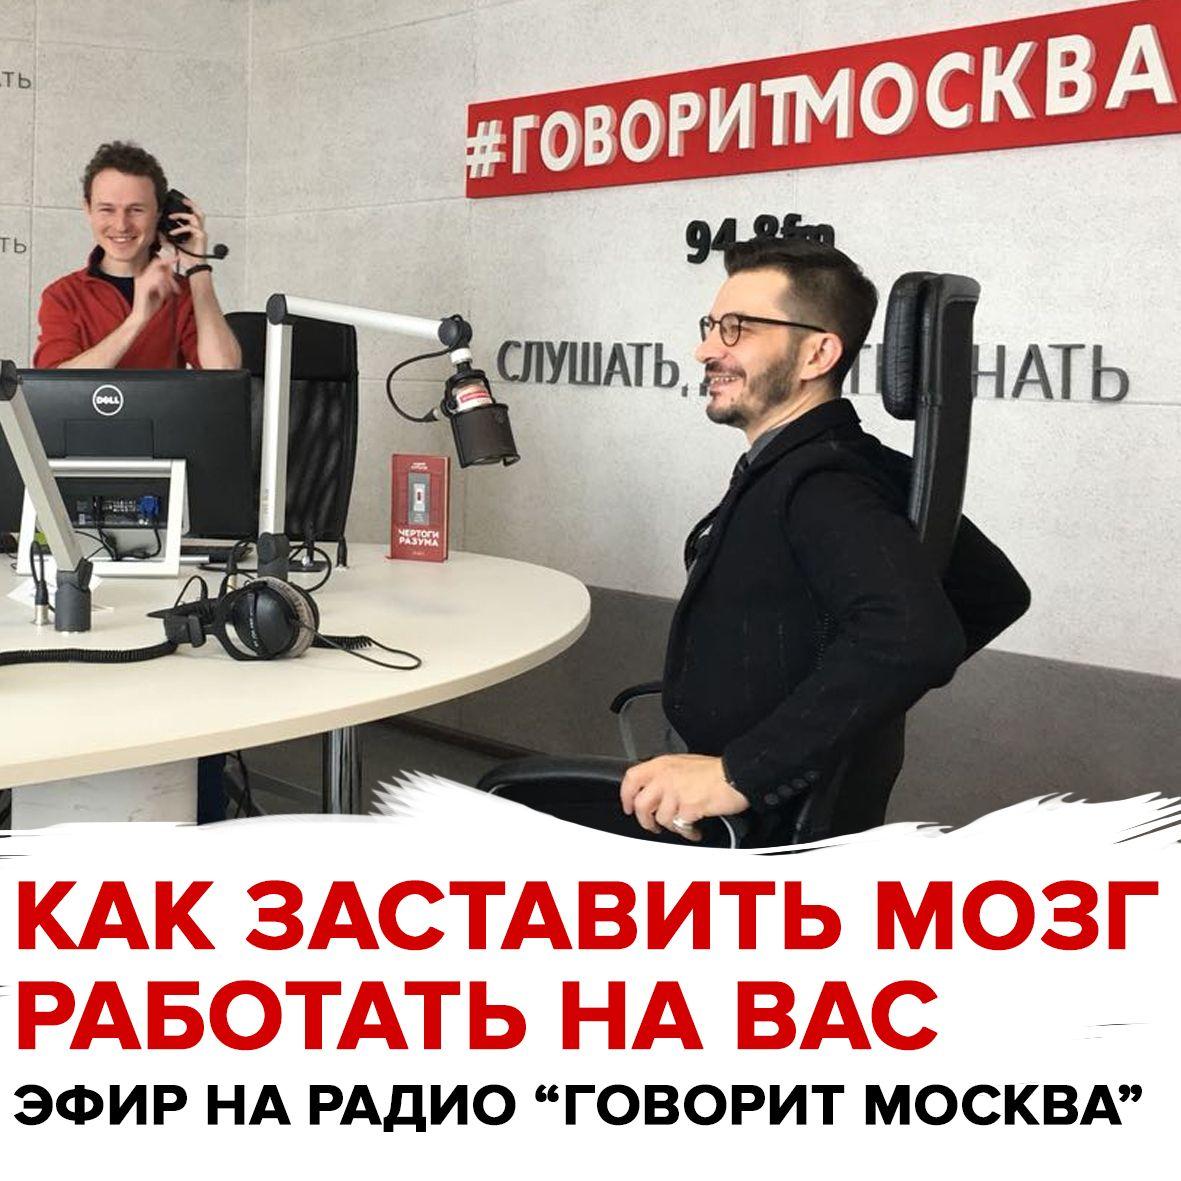 """Как заставить мозг работать на вас. Эфир на радио """"Говорит Москва"""". Андрей Курпатов"""